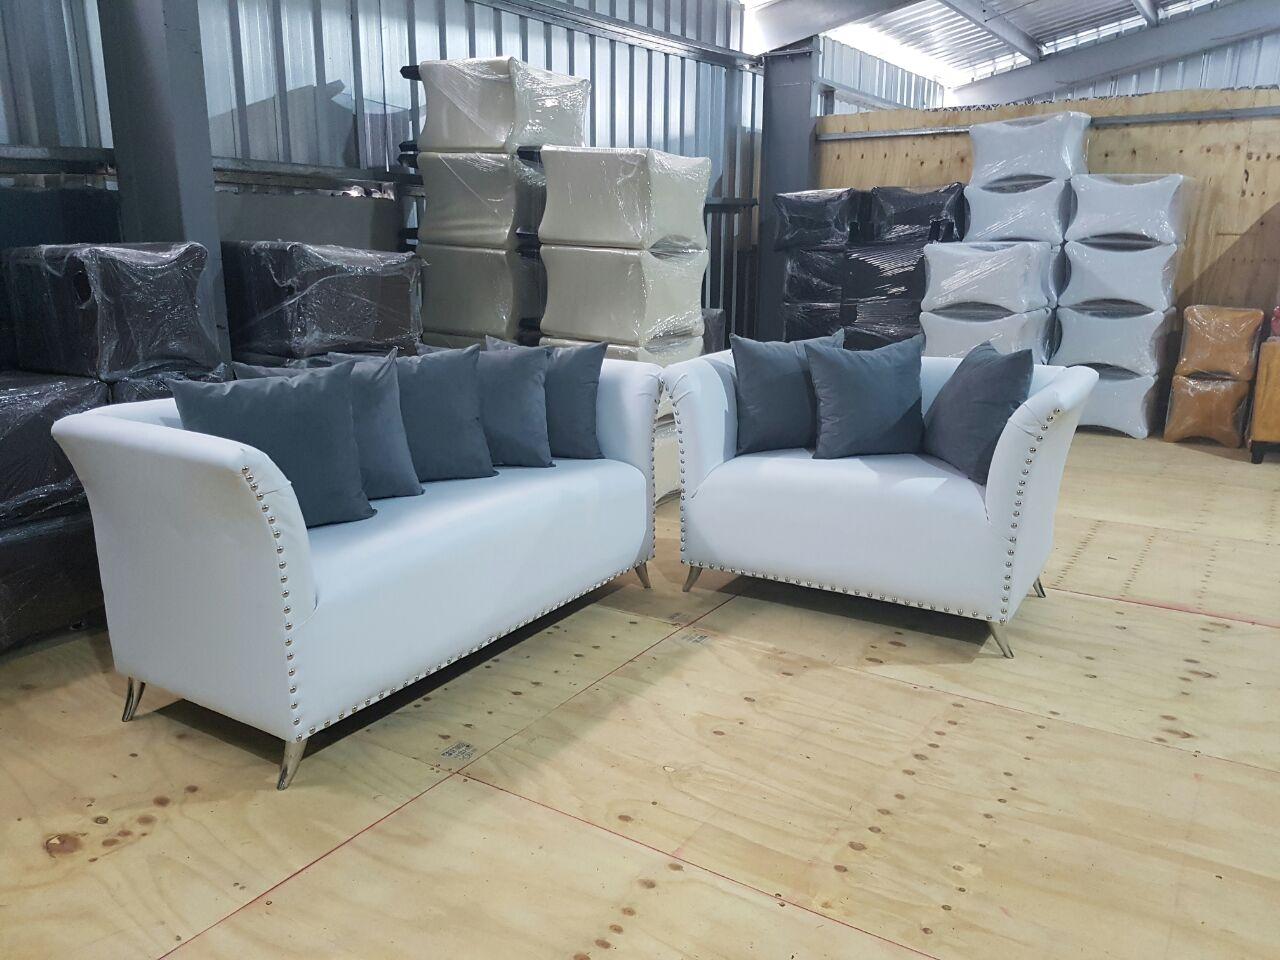 Vendo Juegos De Comedor 28215 Clasificados Com Do # Muebles Corotos